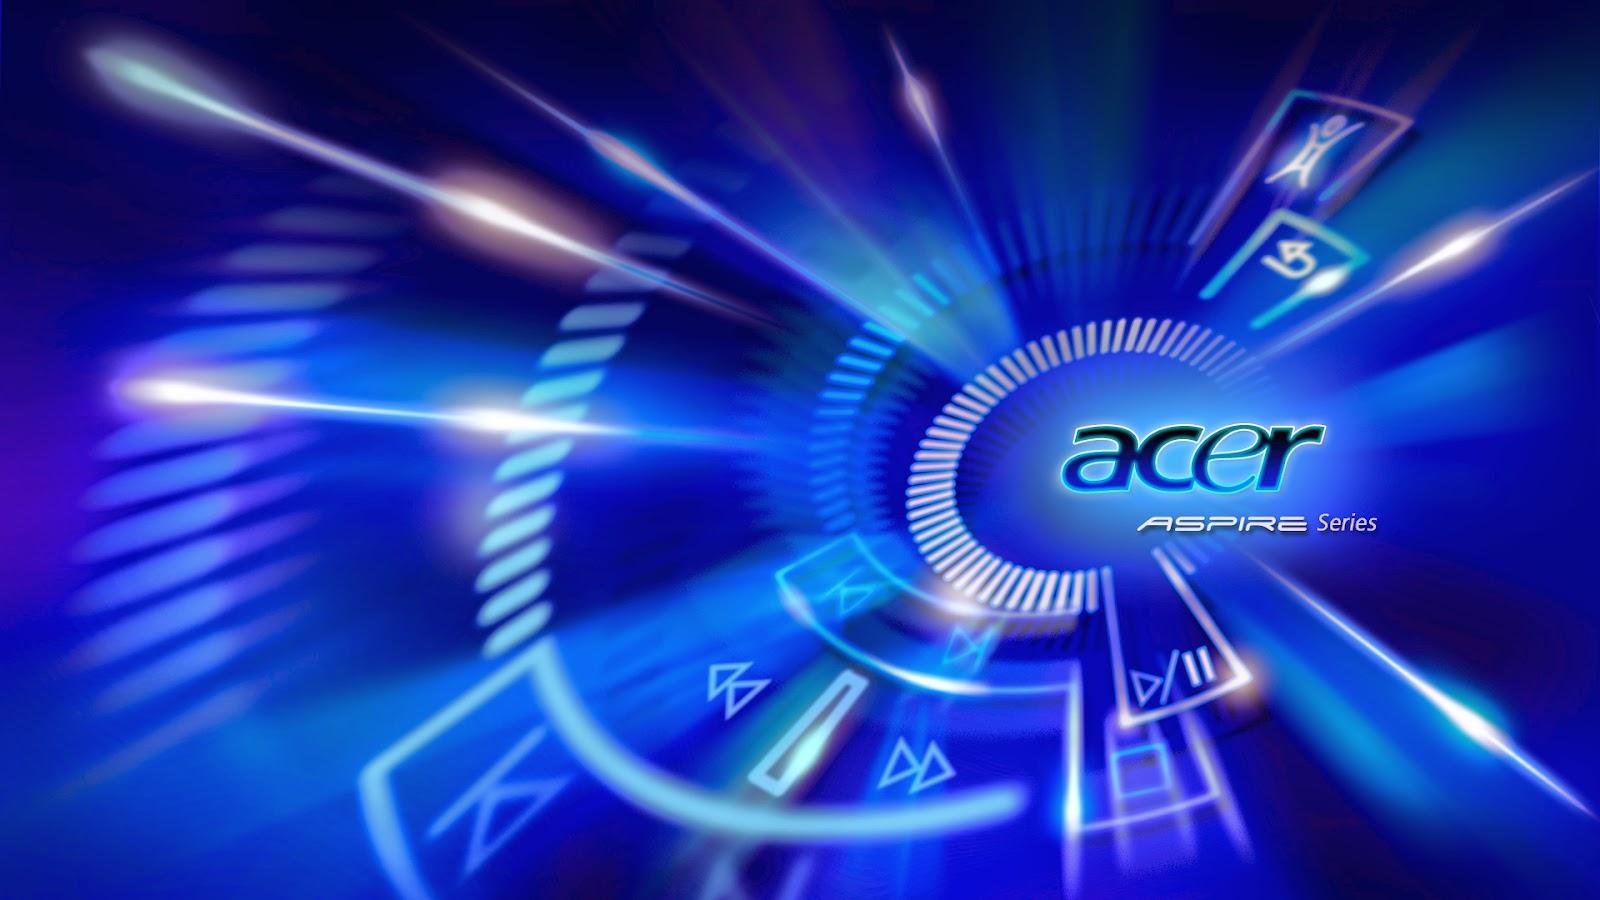 Acer Wallpaper For Windows 8.1